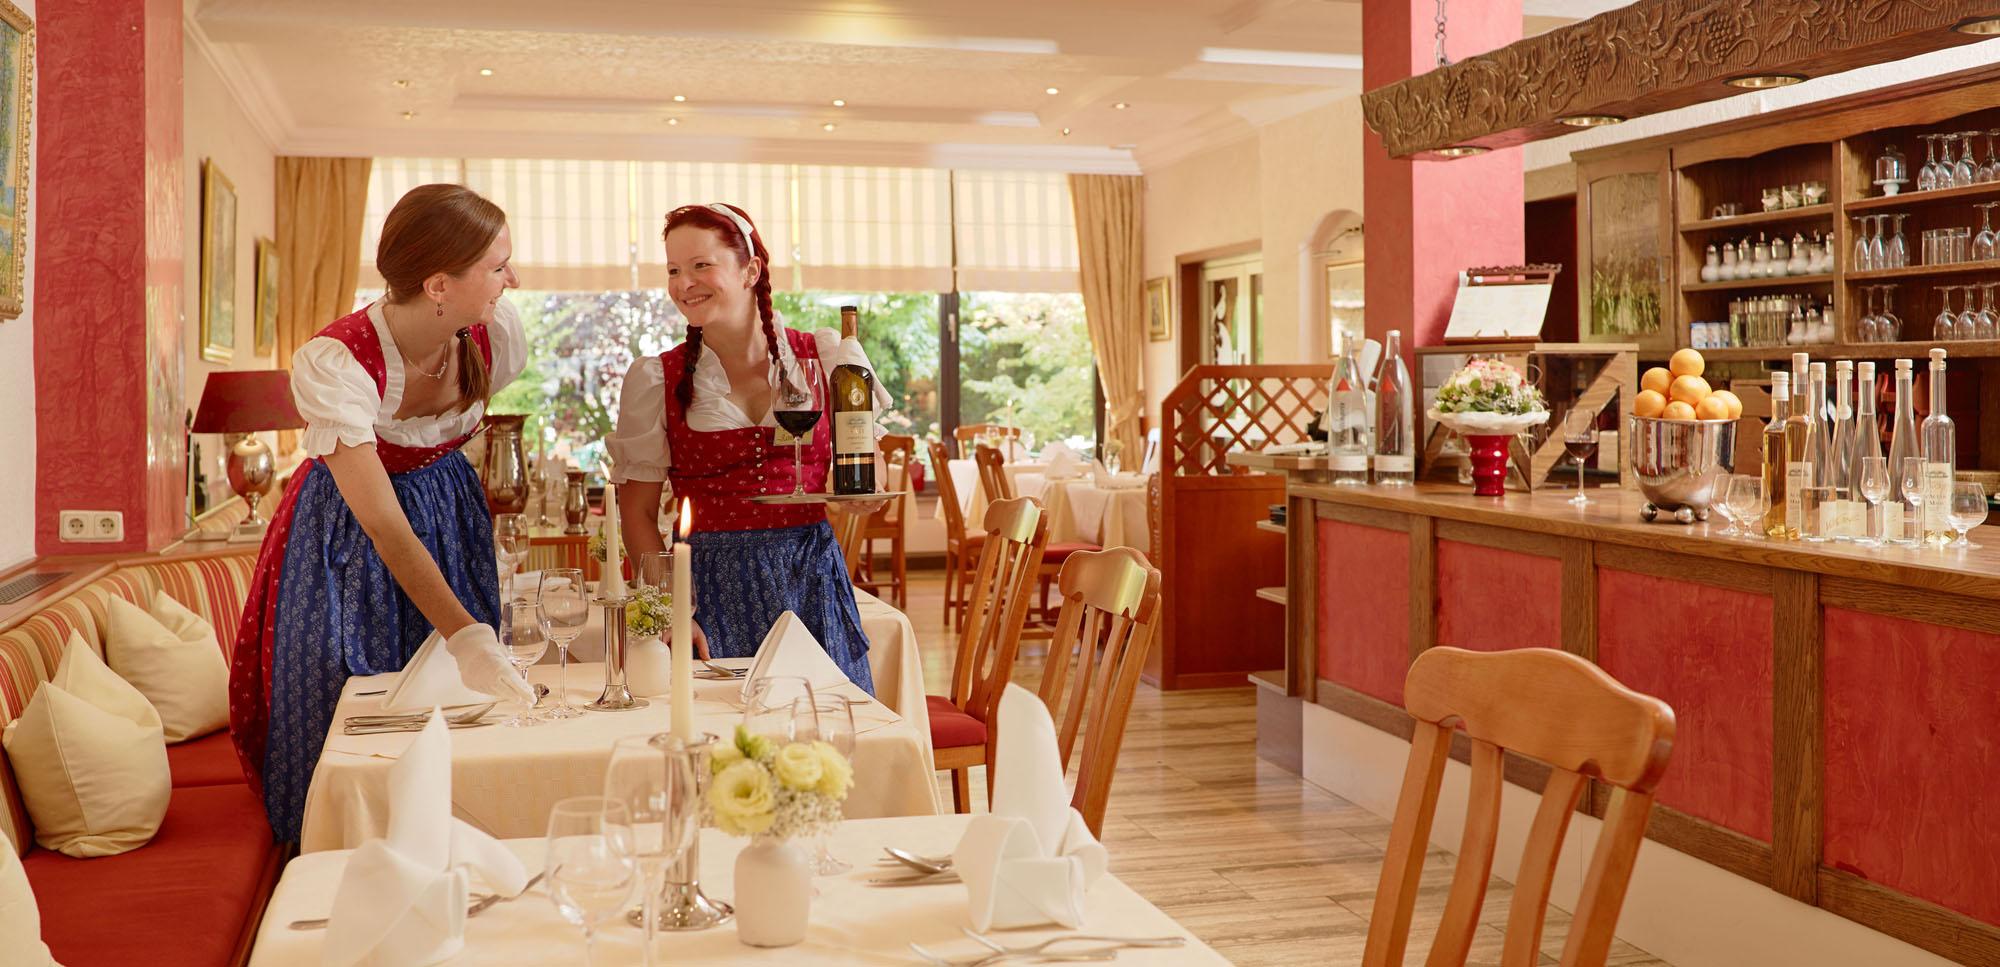 In warmen Rottönen gehaltener Gastraum mit zwei Damen vom Service, Bömers Mosellandhotel